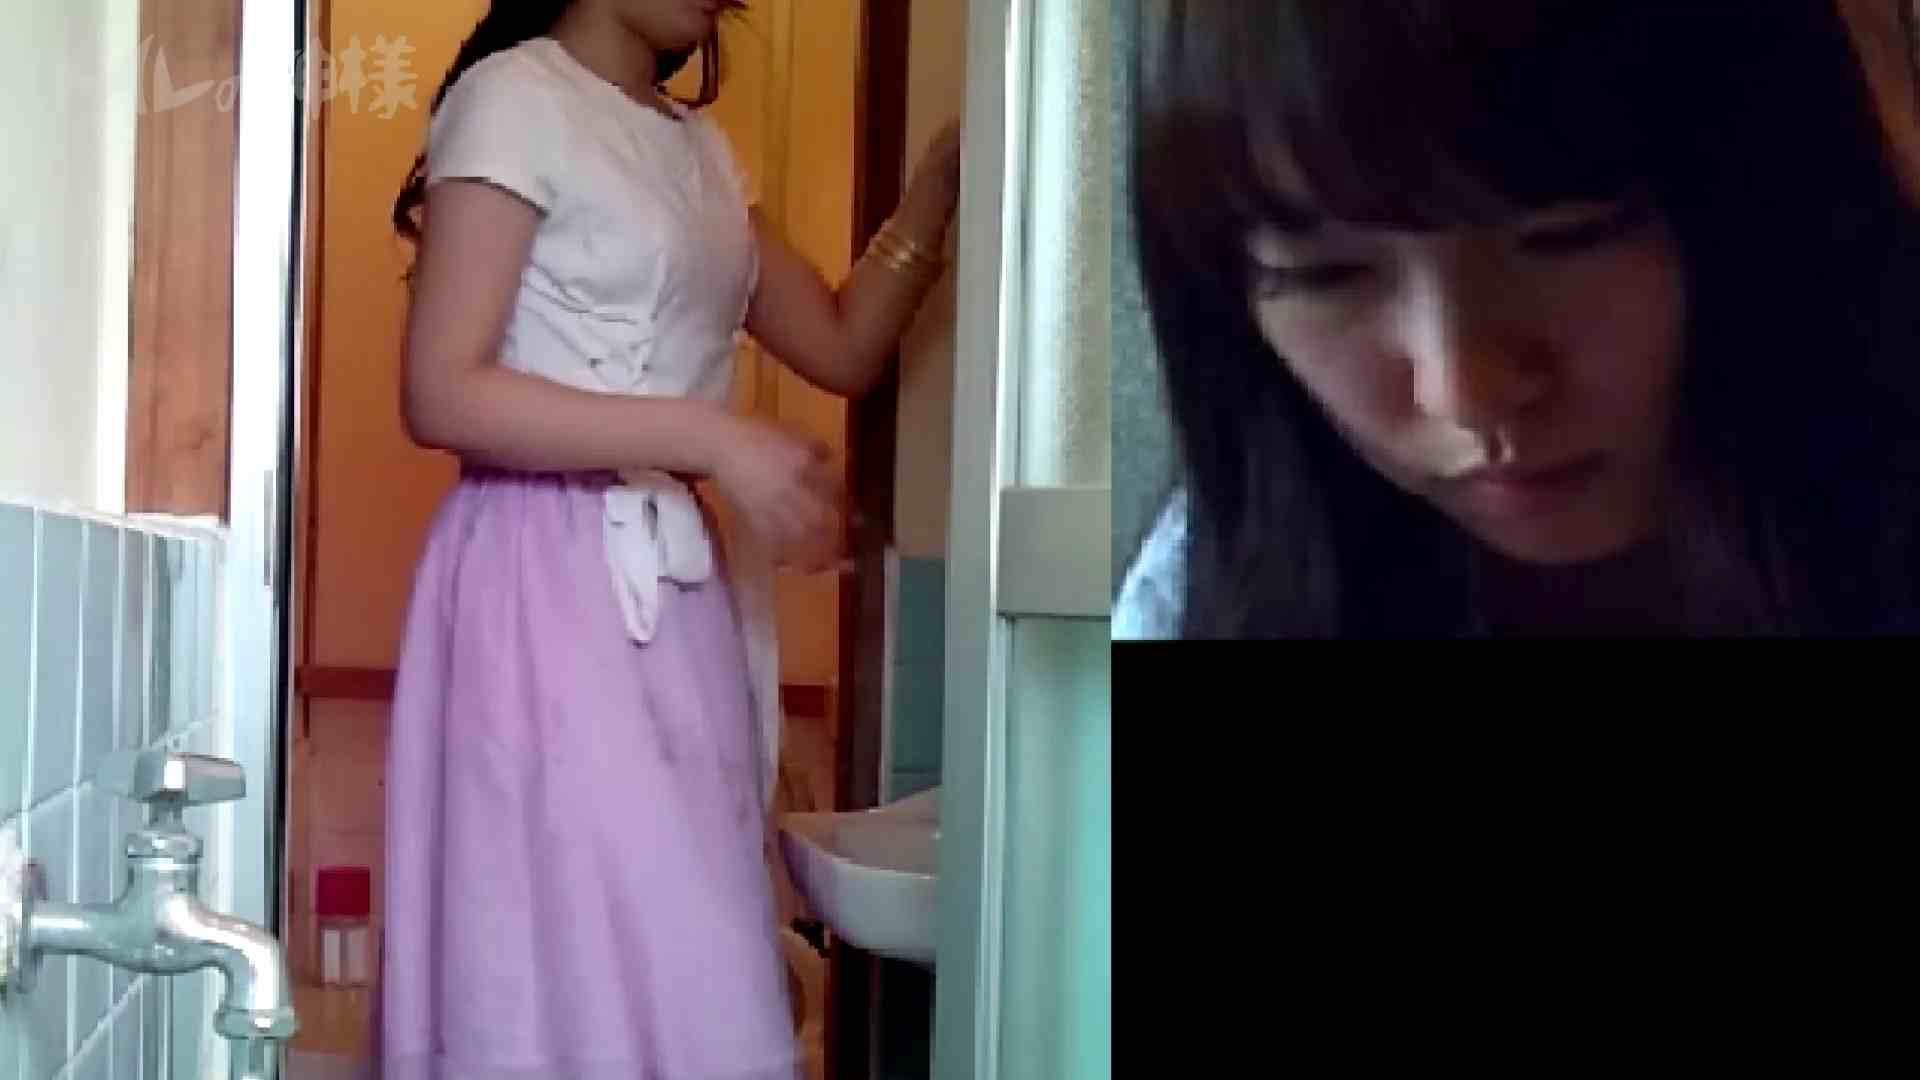 トイレの神様 Vol.09 美女のGEBOきれいに撮っています 細身女性 アダルト動画キャプチャ 67画像 3